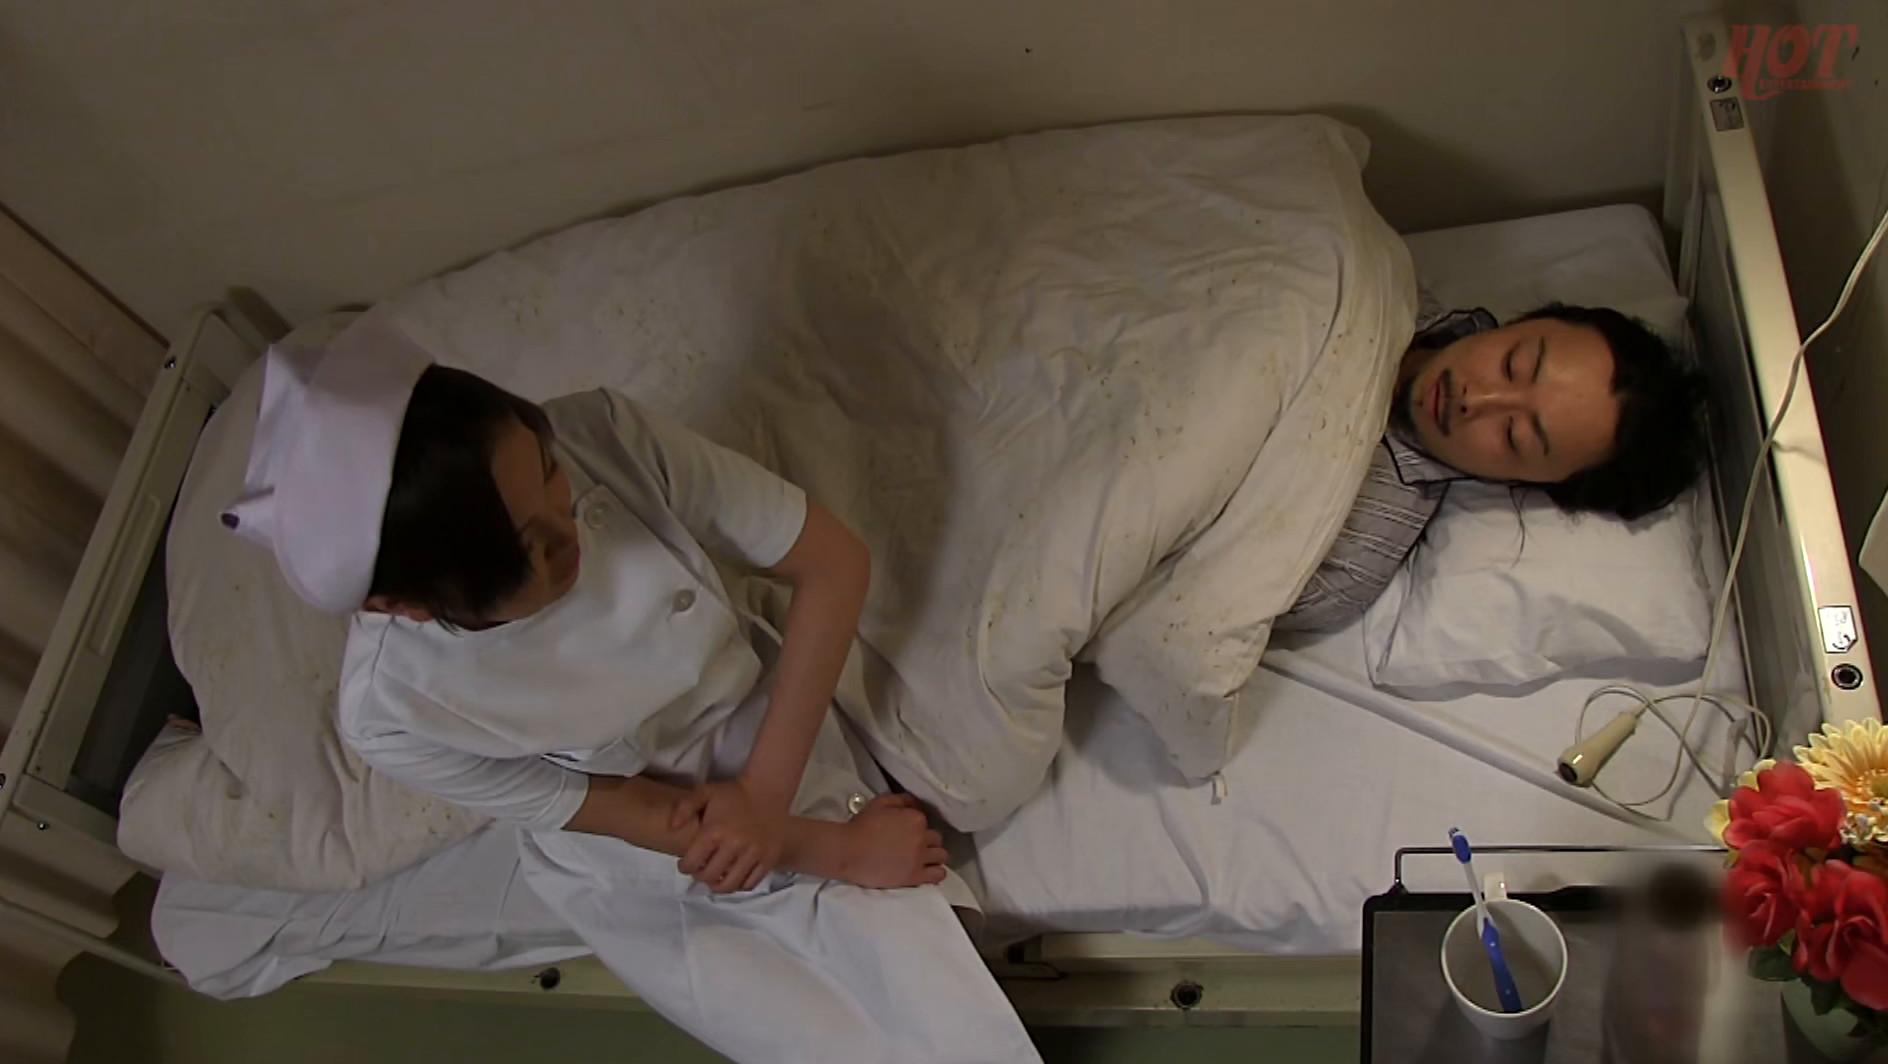 夜勤の熟女看護師 欲求不満おばさんナースはカッチカチ勃起チ〇コで夜中に発情!! 12人